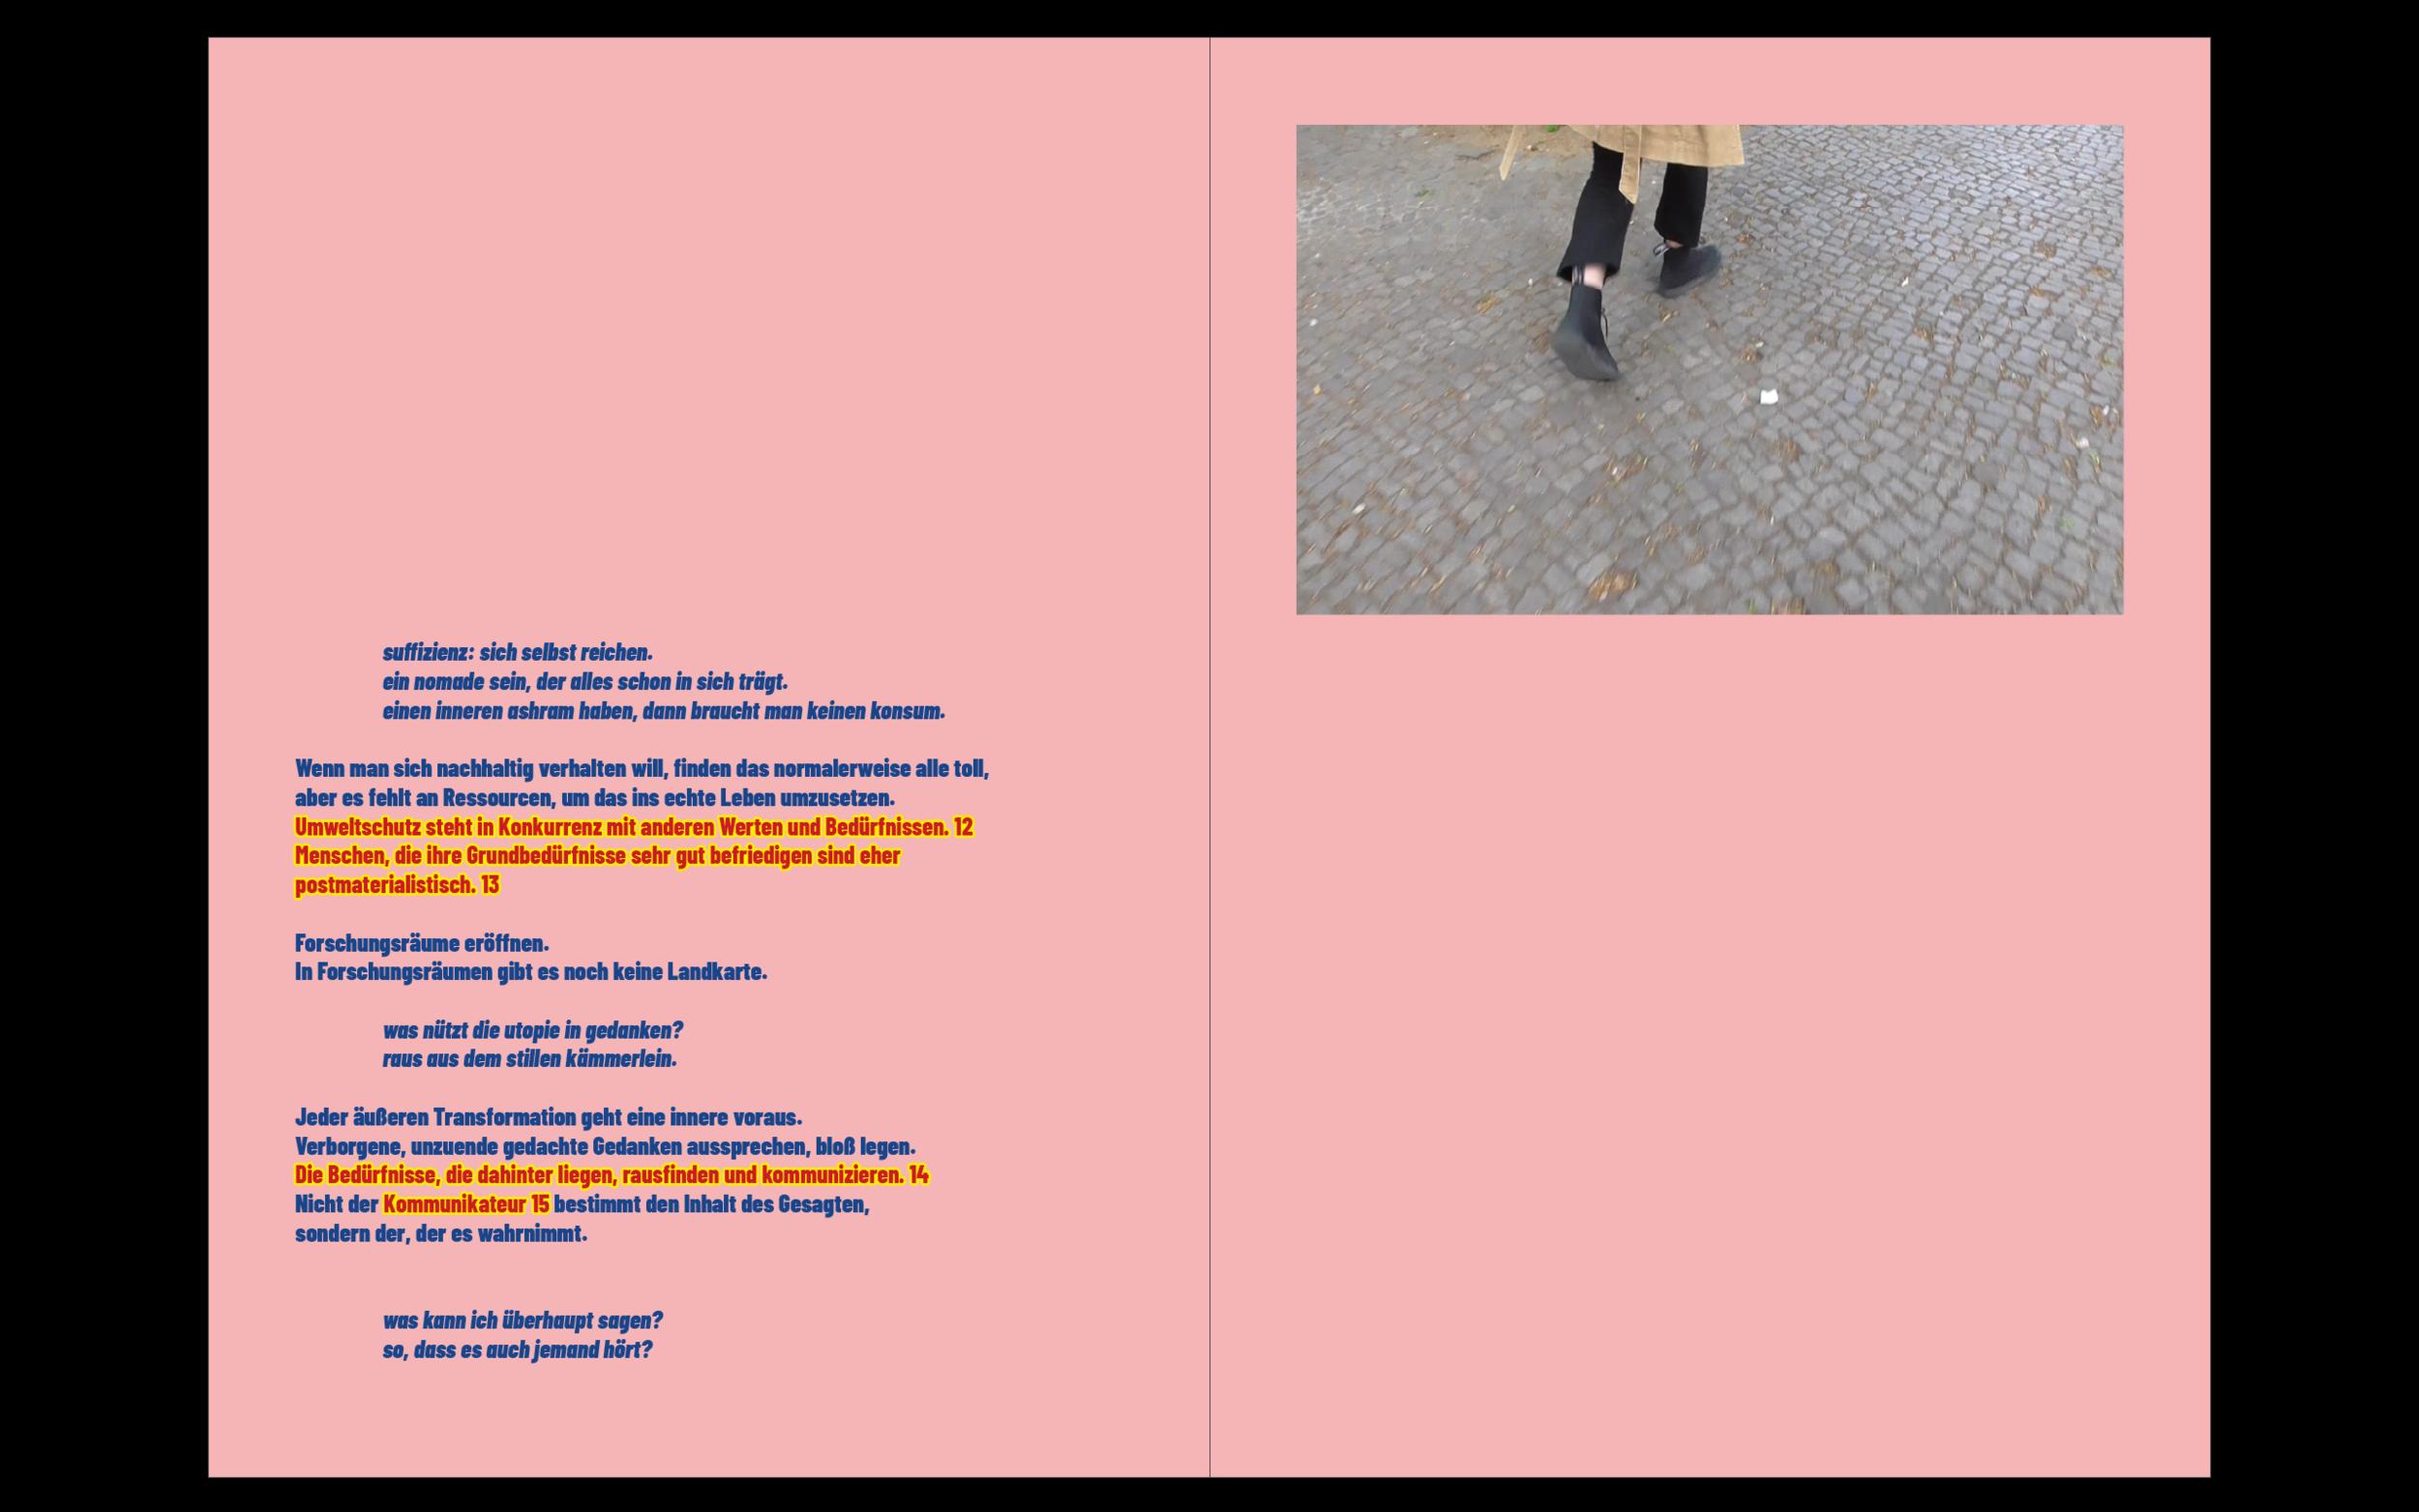 Bildschirmfoto 2019-07-17 um 08.52.21.png